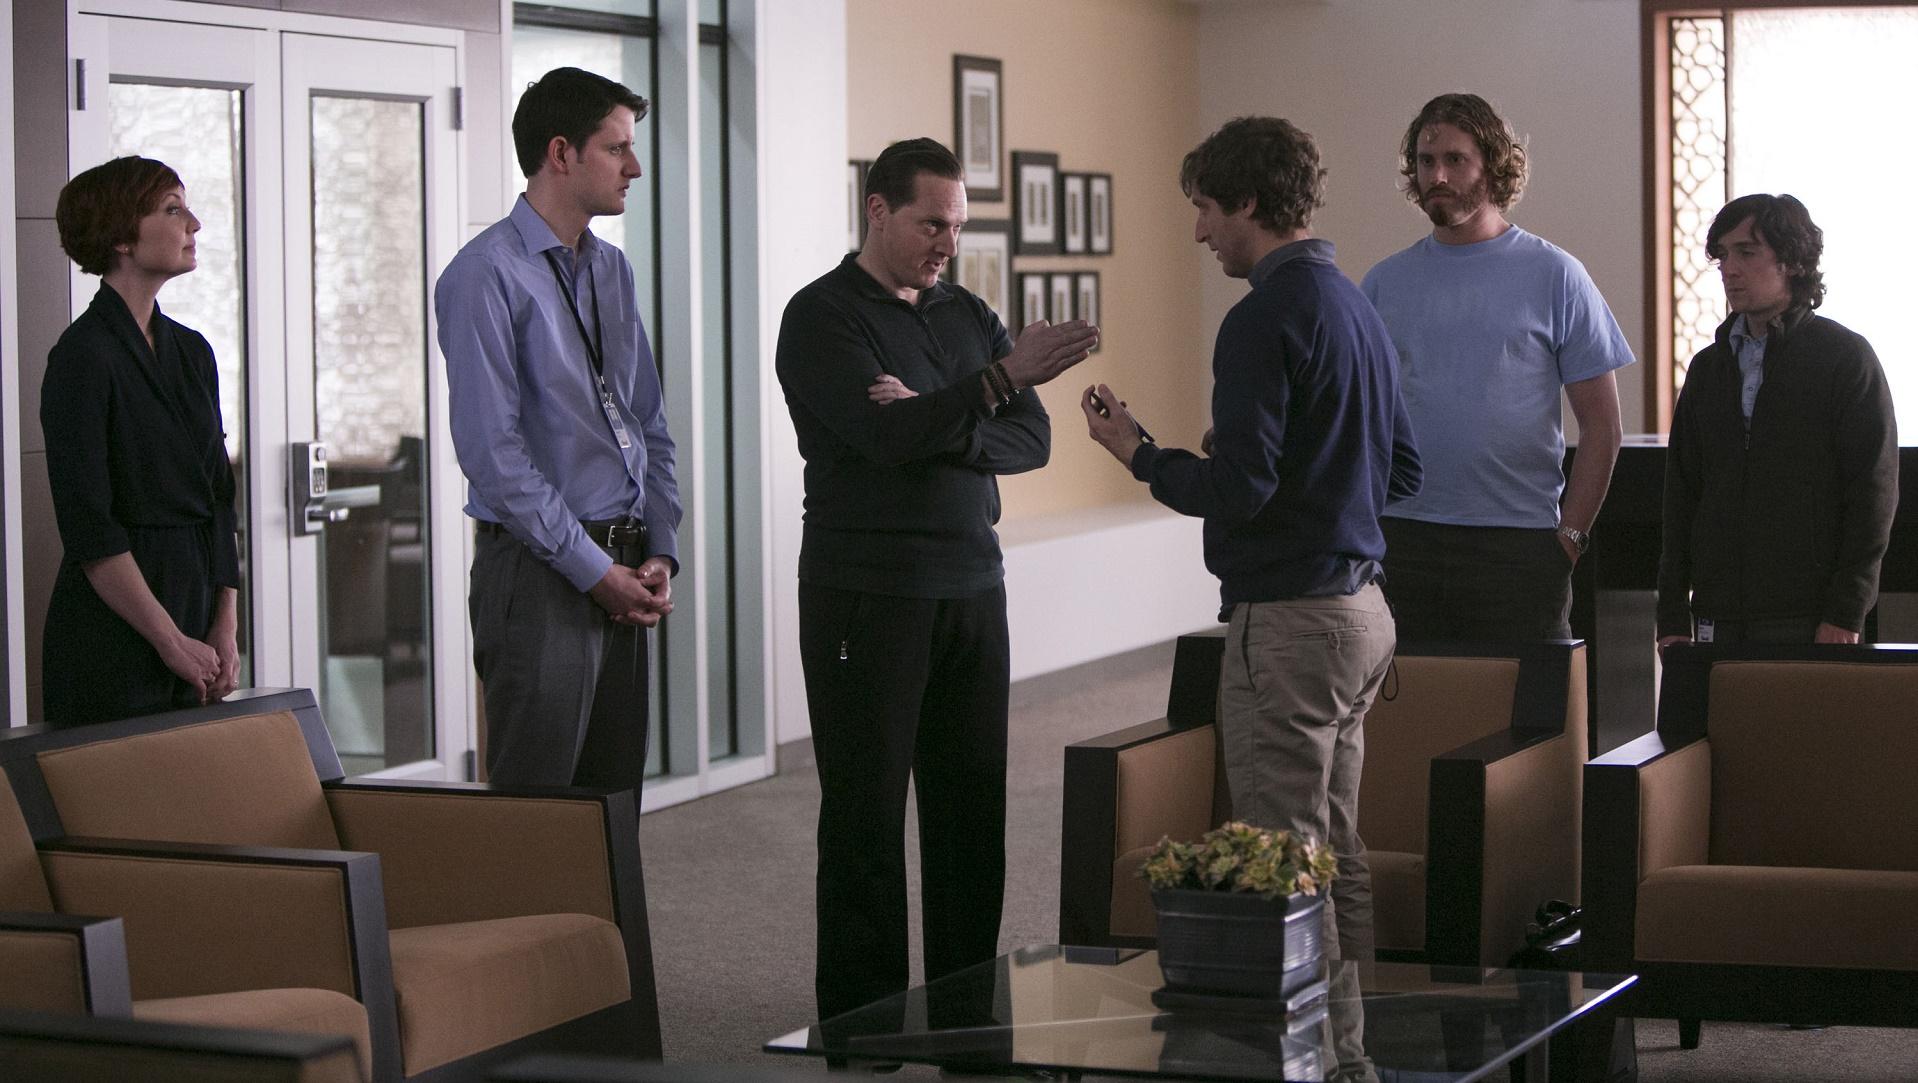 4 realidades de las startups que aparecen en la serie Silicon Valley